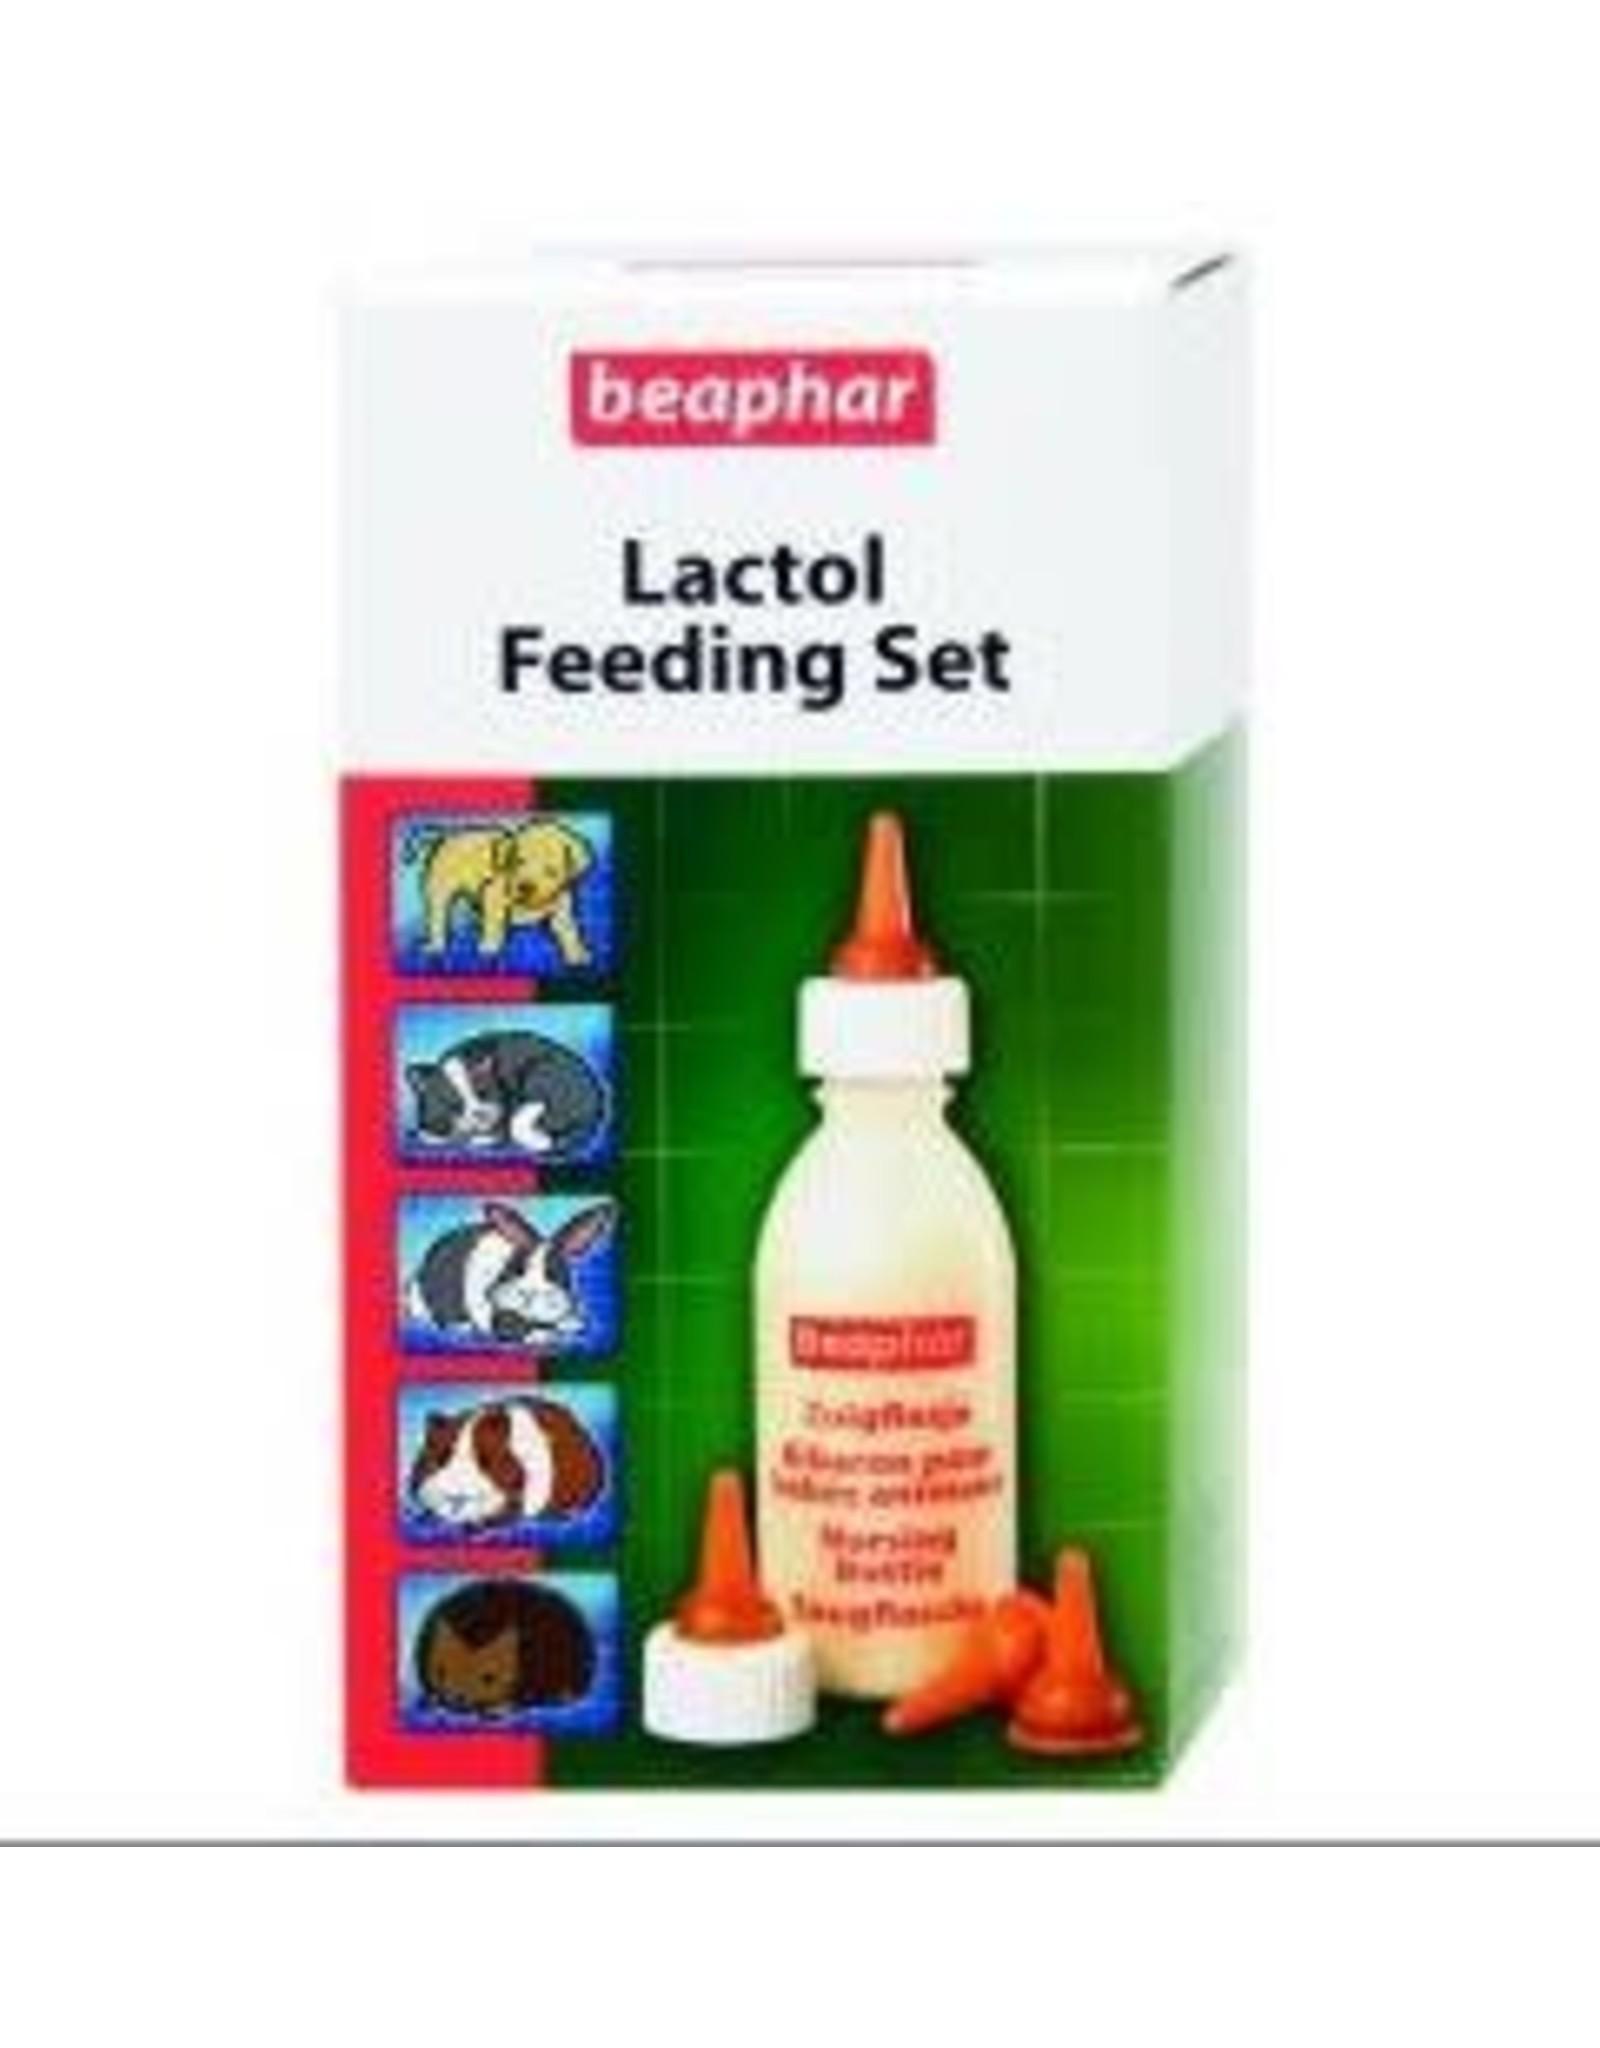 Beaphar Lactol Feeding Set For Kittens